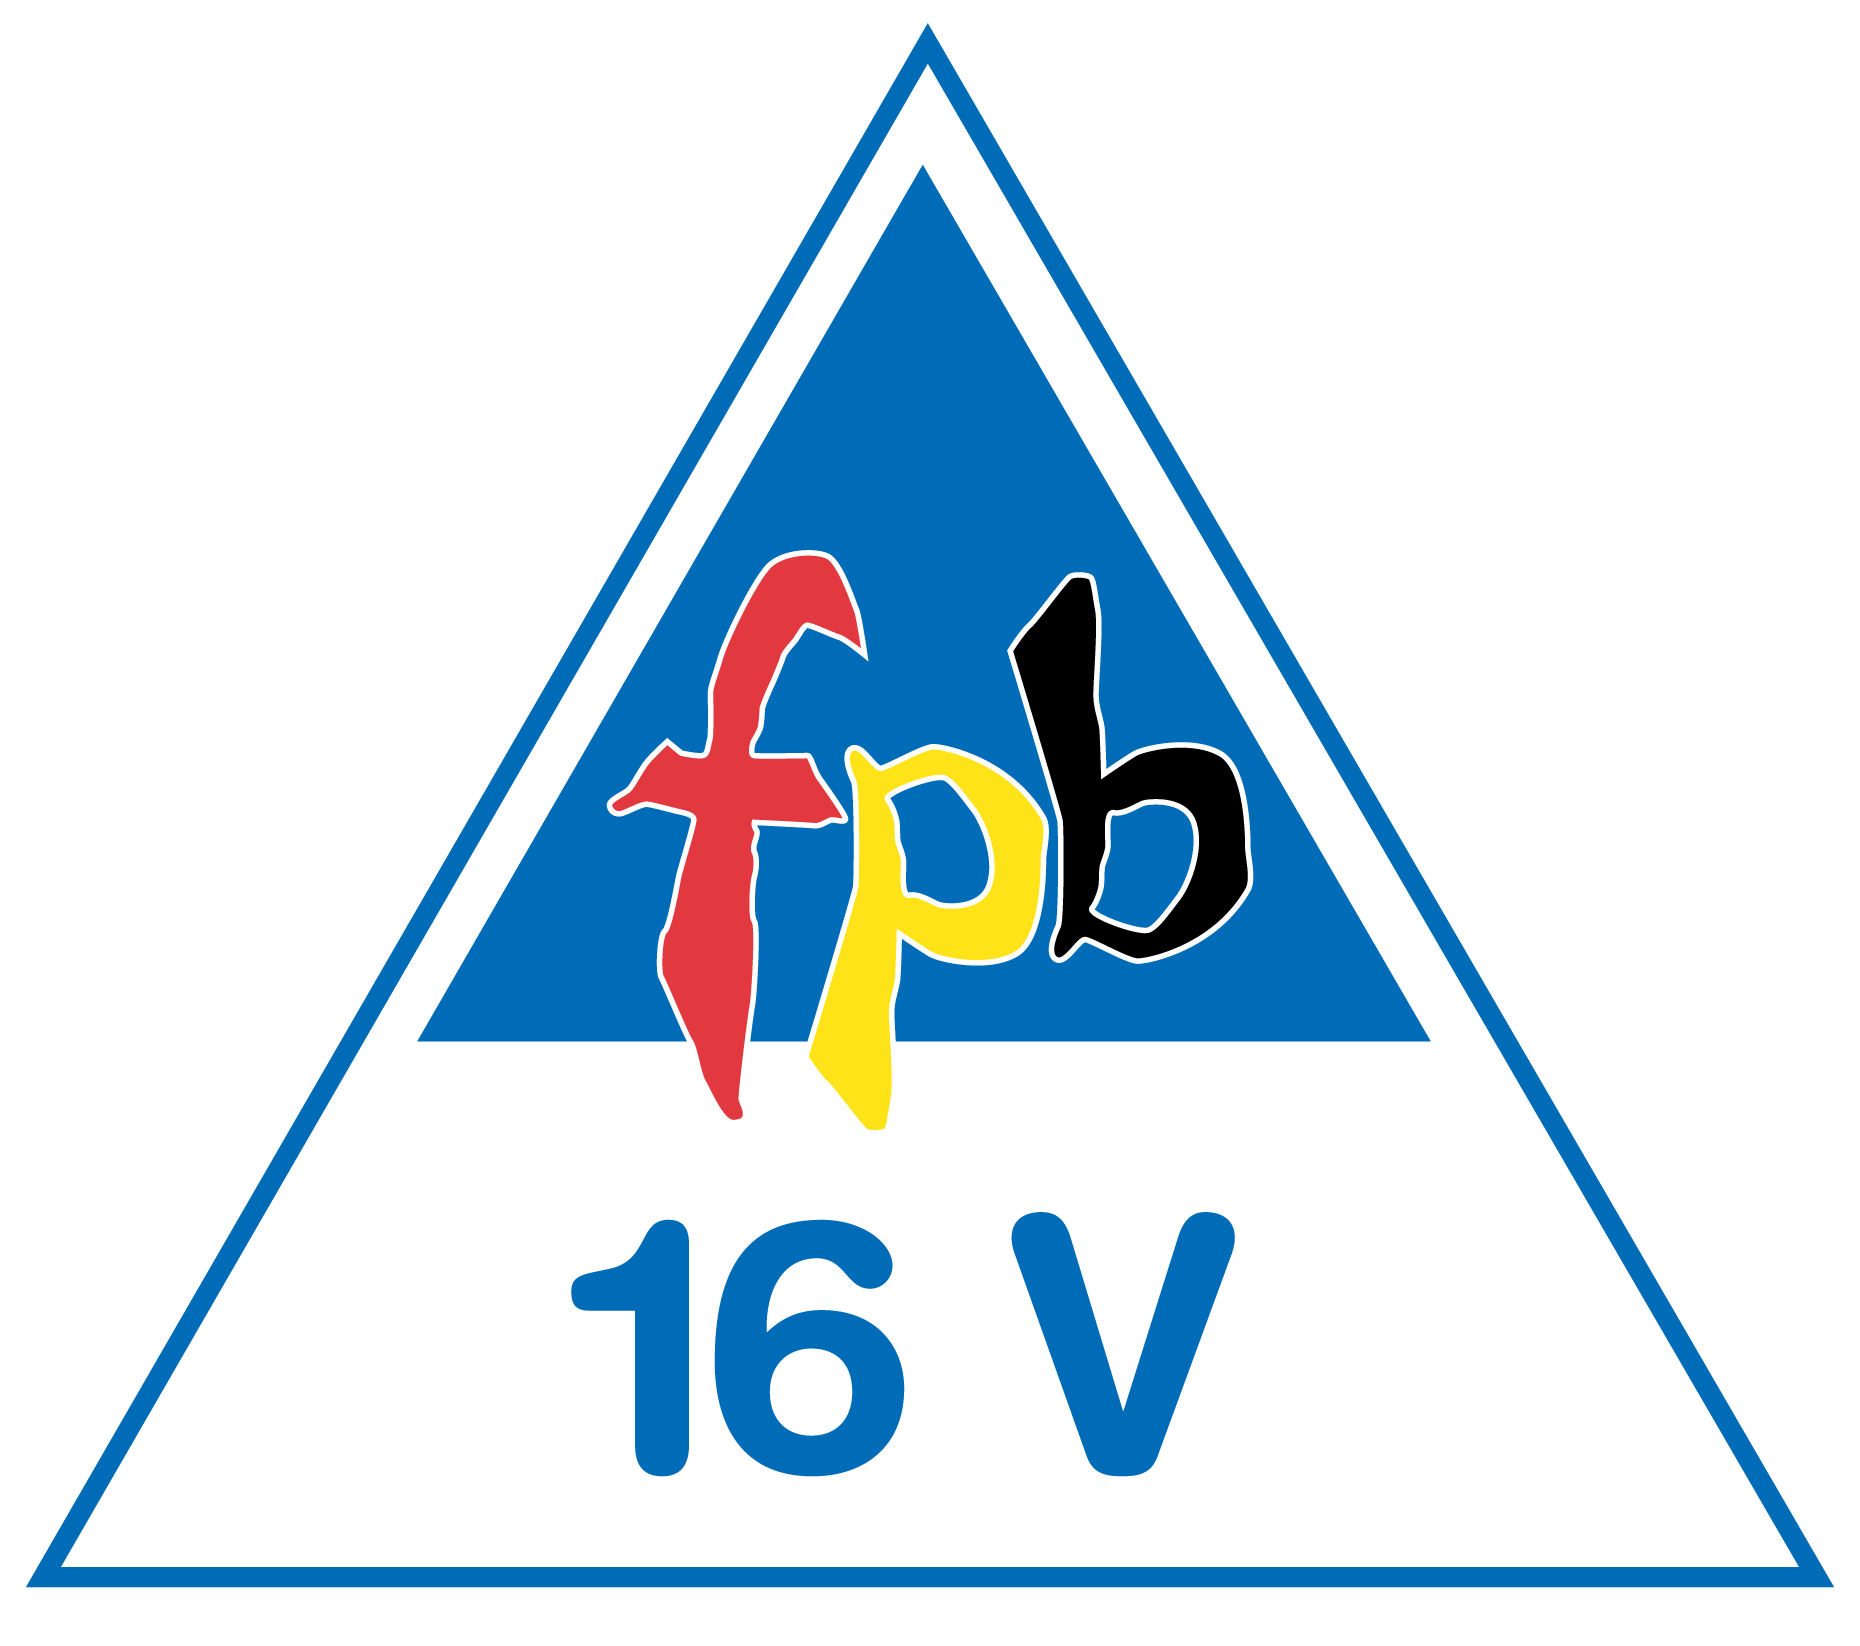 FPB 16 V